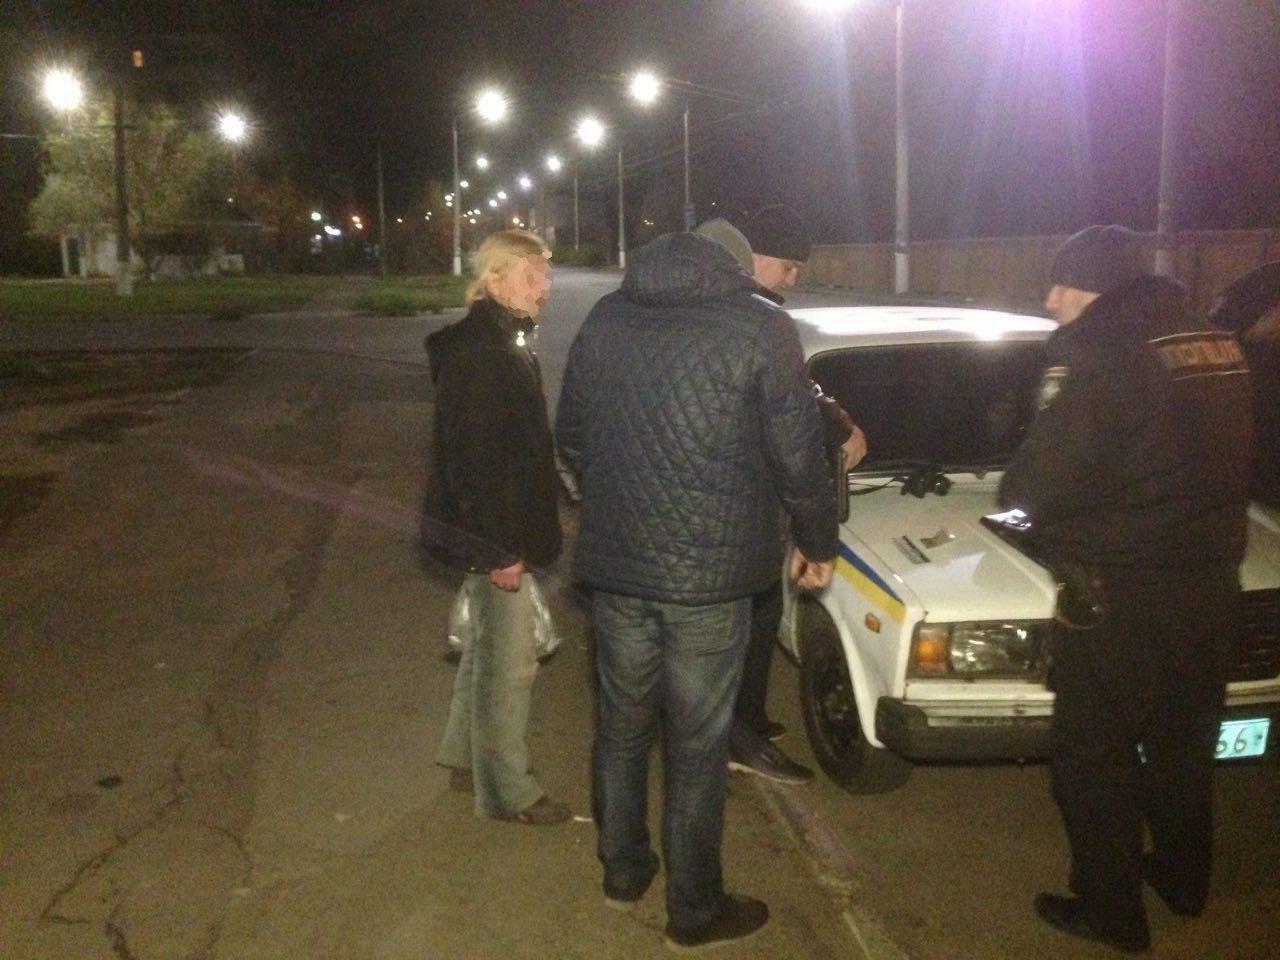 Николаевские патрульные задержали мужчину, искавшего наркотики, - ФОТО, фото-3